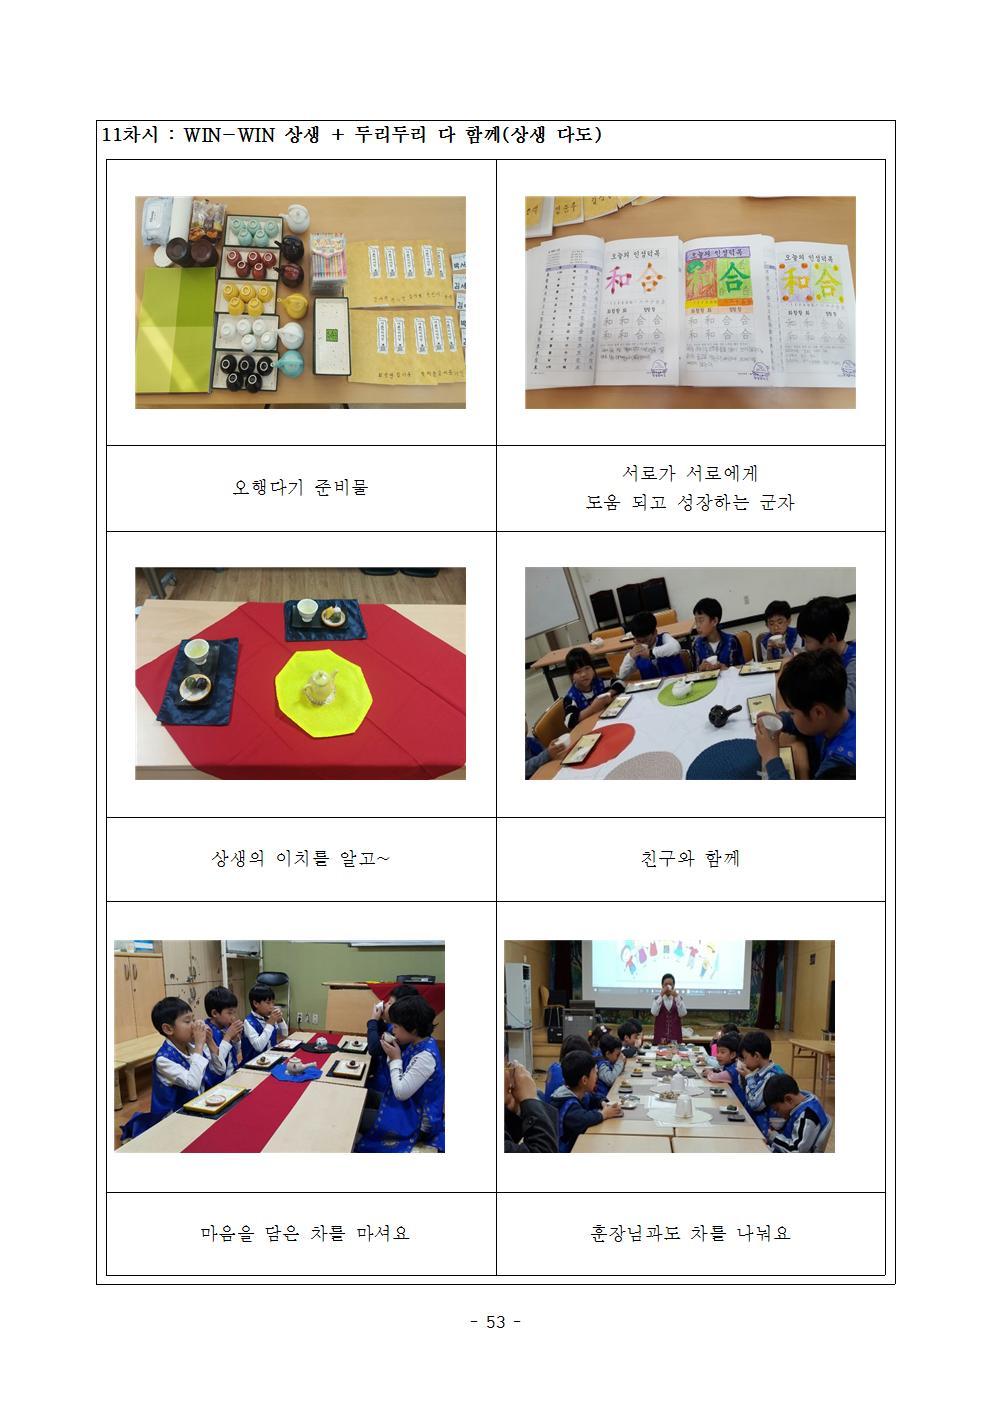 [인증]인성교육프로그램 인중 신청-까치서당(까치서당에서 군자되다)한국지역사회교육협의회 추가서류수정053.jpg